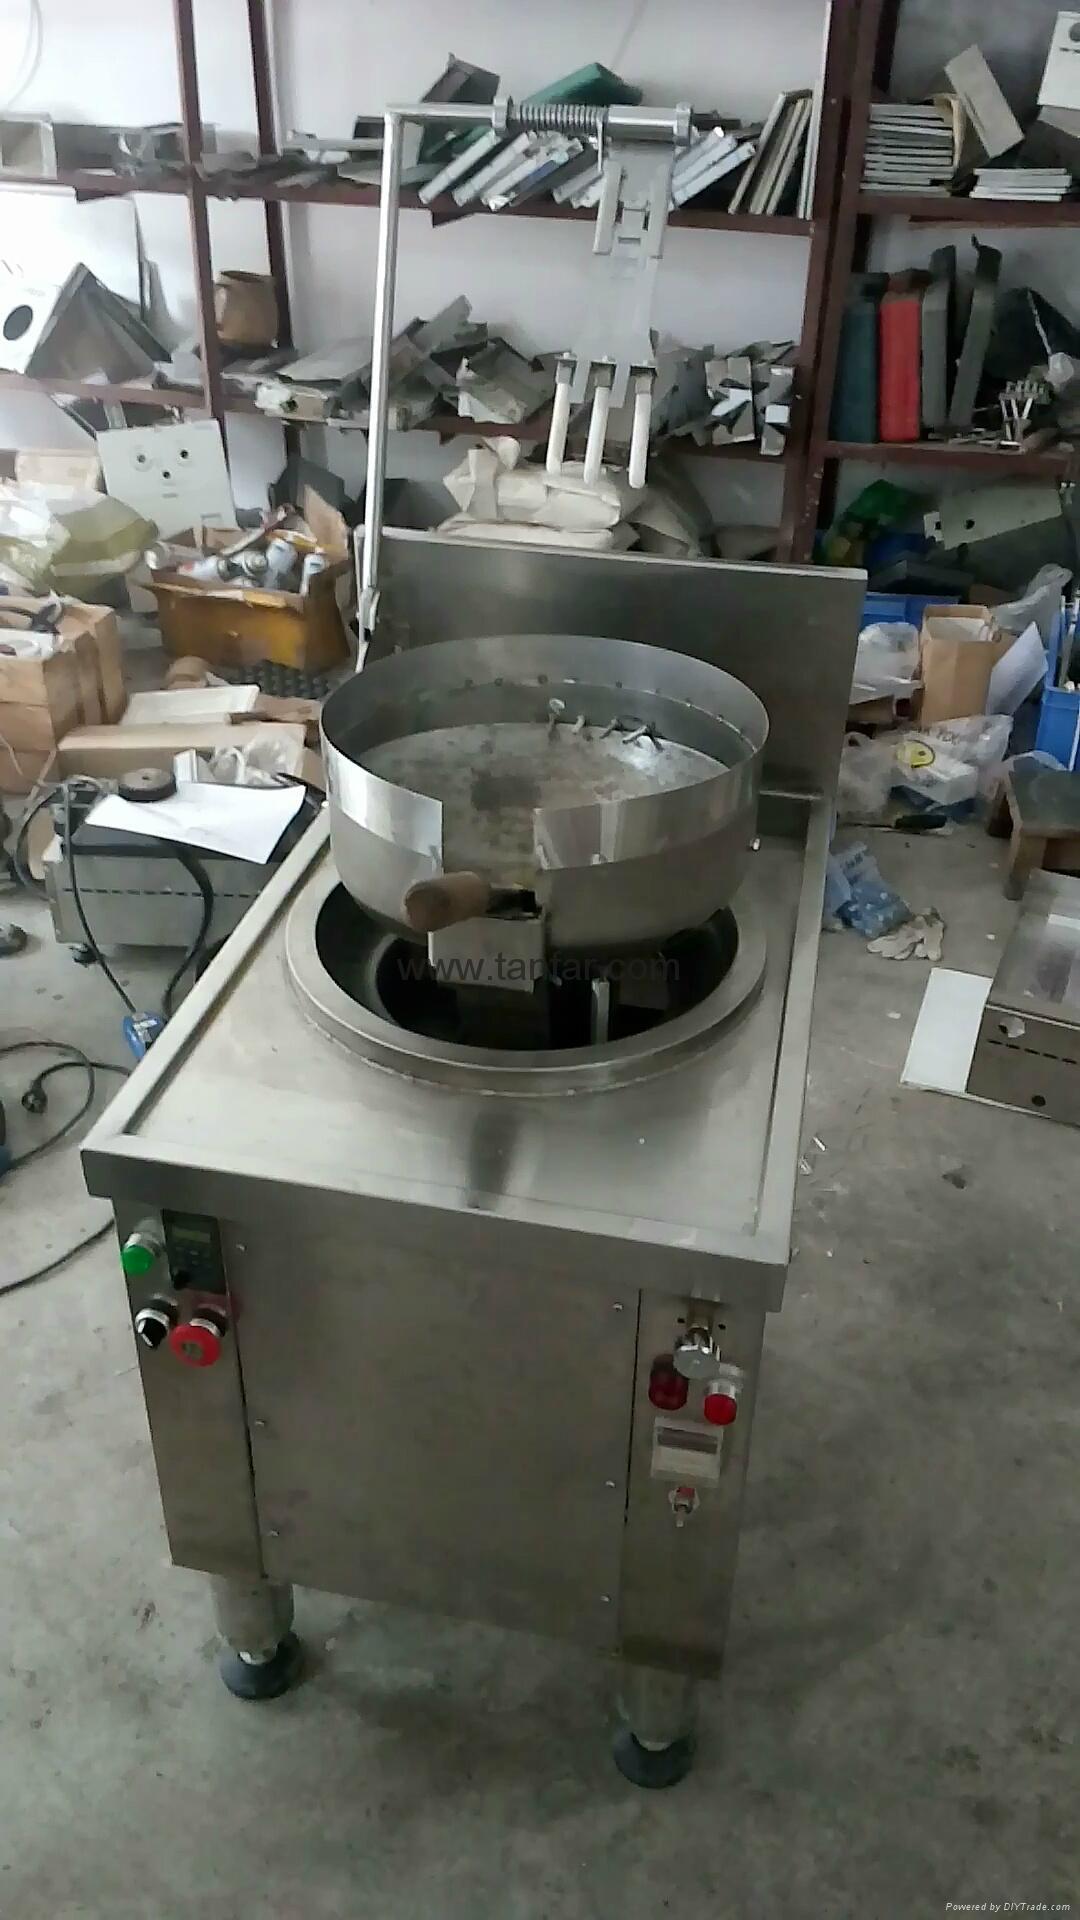 天发自动炒饭机 炒菜机 炒食机TF-460 11